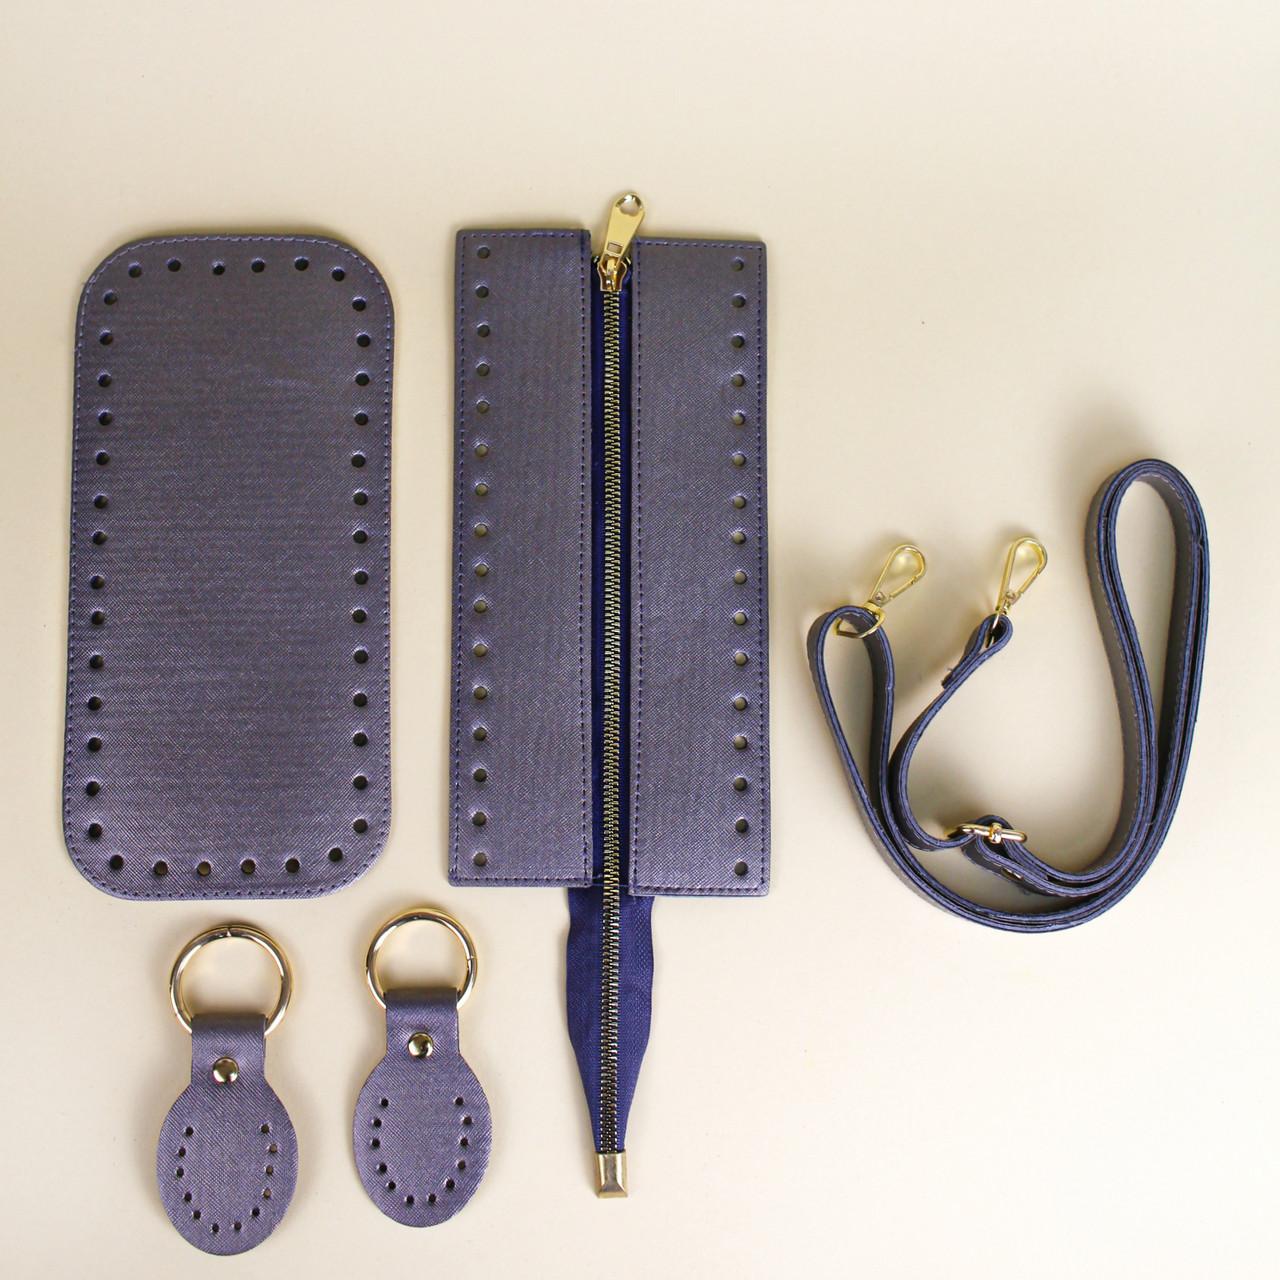 Набор для сумки экокожа Металлик: донышко+верх на змейке 12х25см с регулируемой ручкой